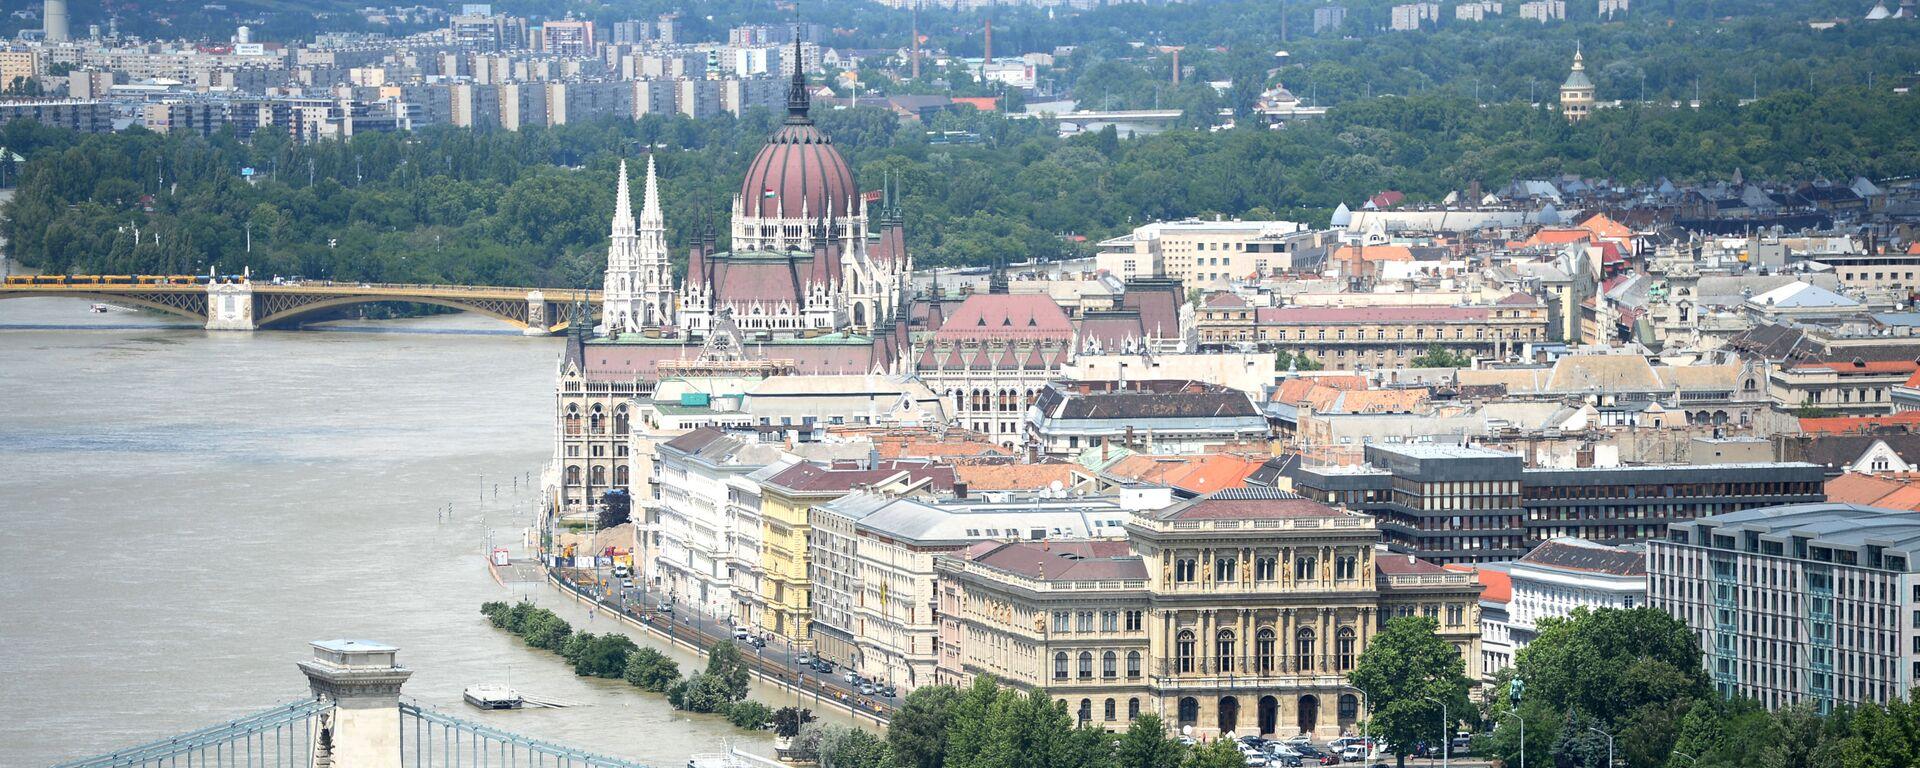 Вид на город Будапешт, фото из архива - Sputnik Азербайджан, 1920, 20.02.2021